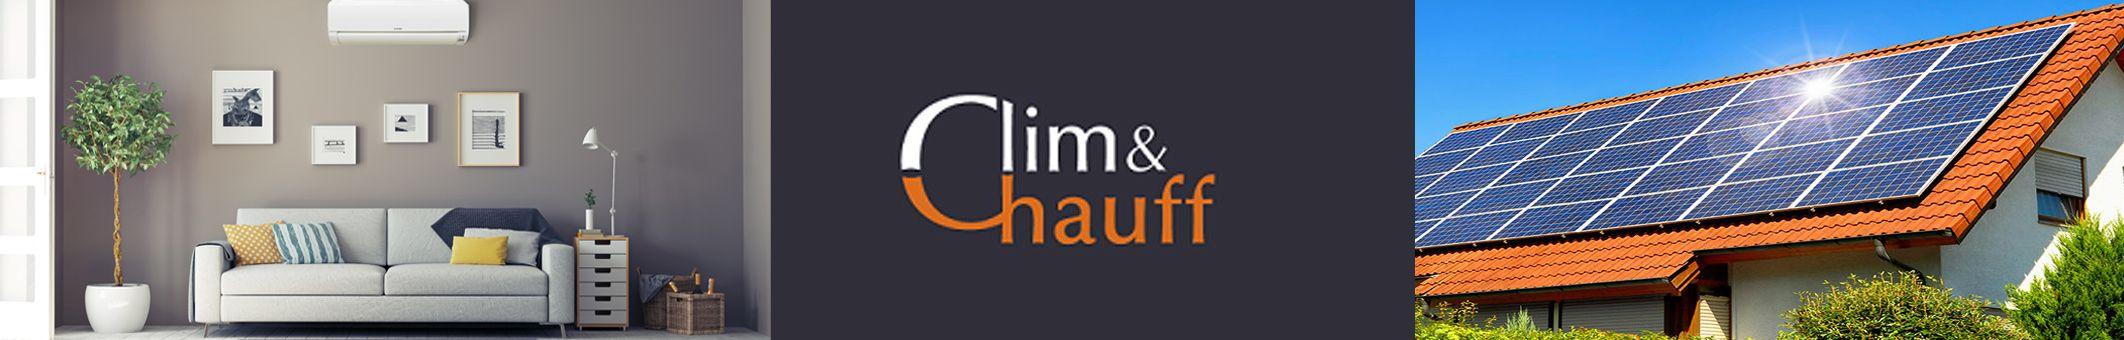 Bannière Clim Et Chauff